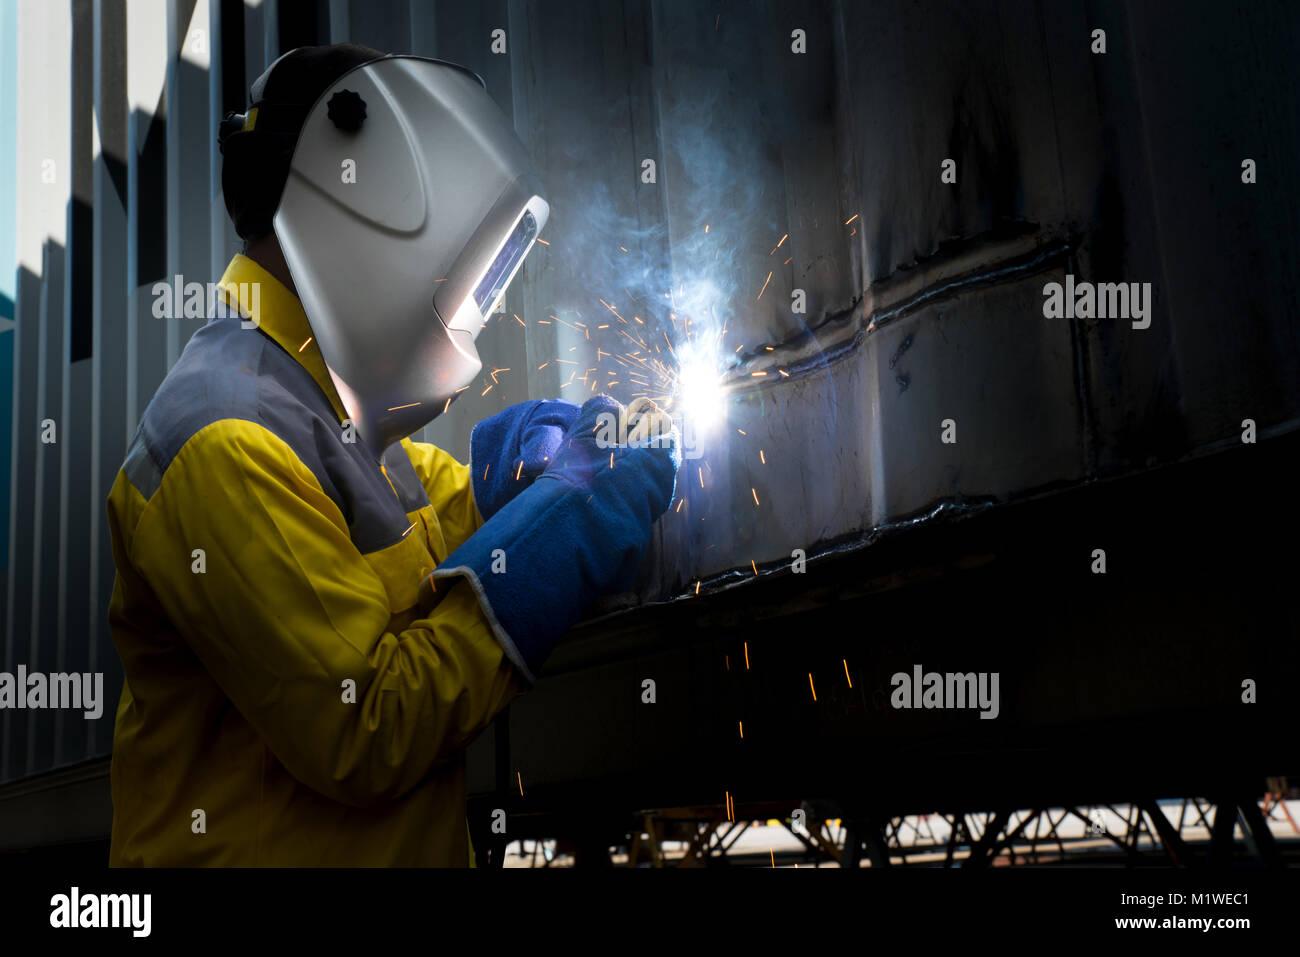 Trabalhador da indústria com soldagem de aços para reparar estruturas de contêiner de fabrico manual. Imagens de Stock